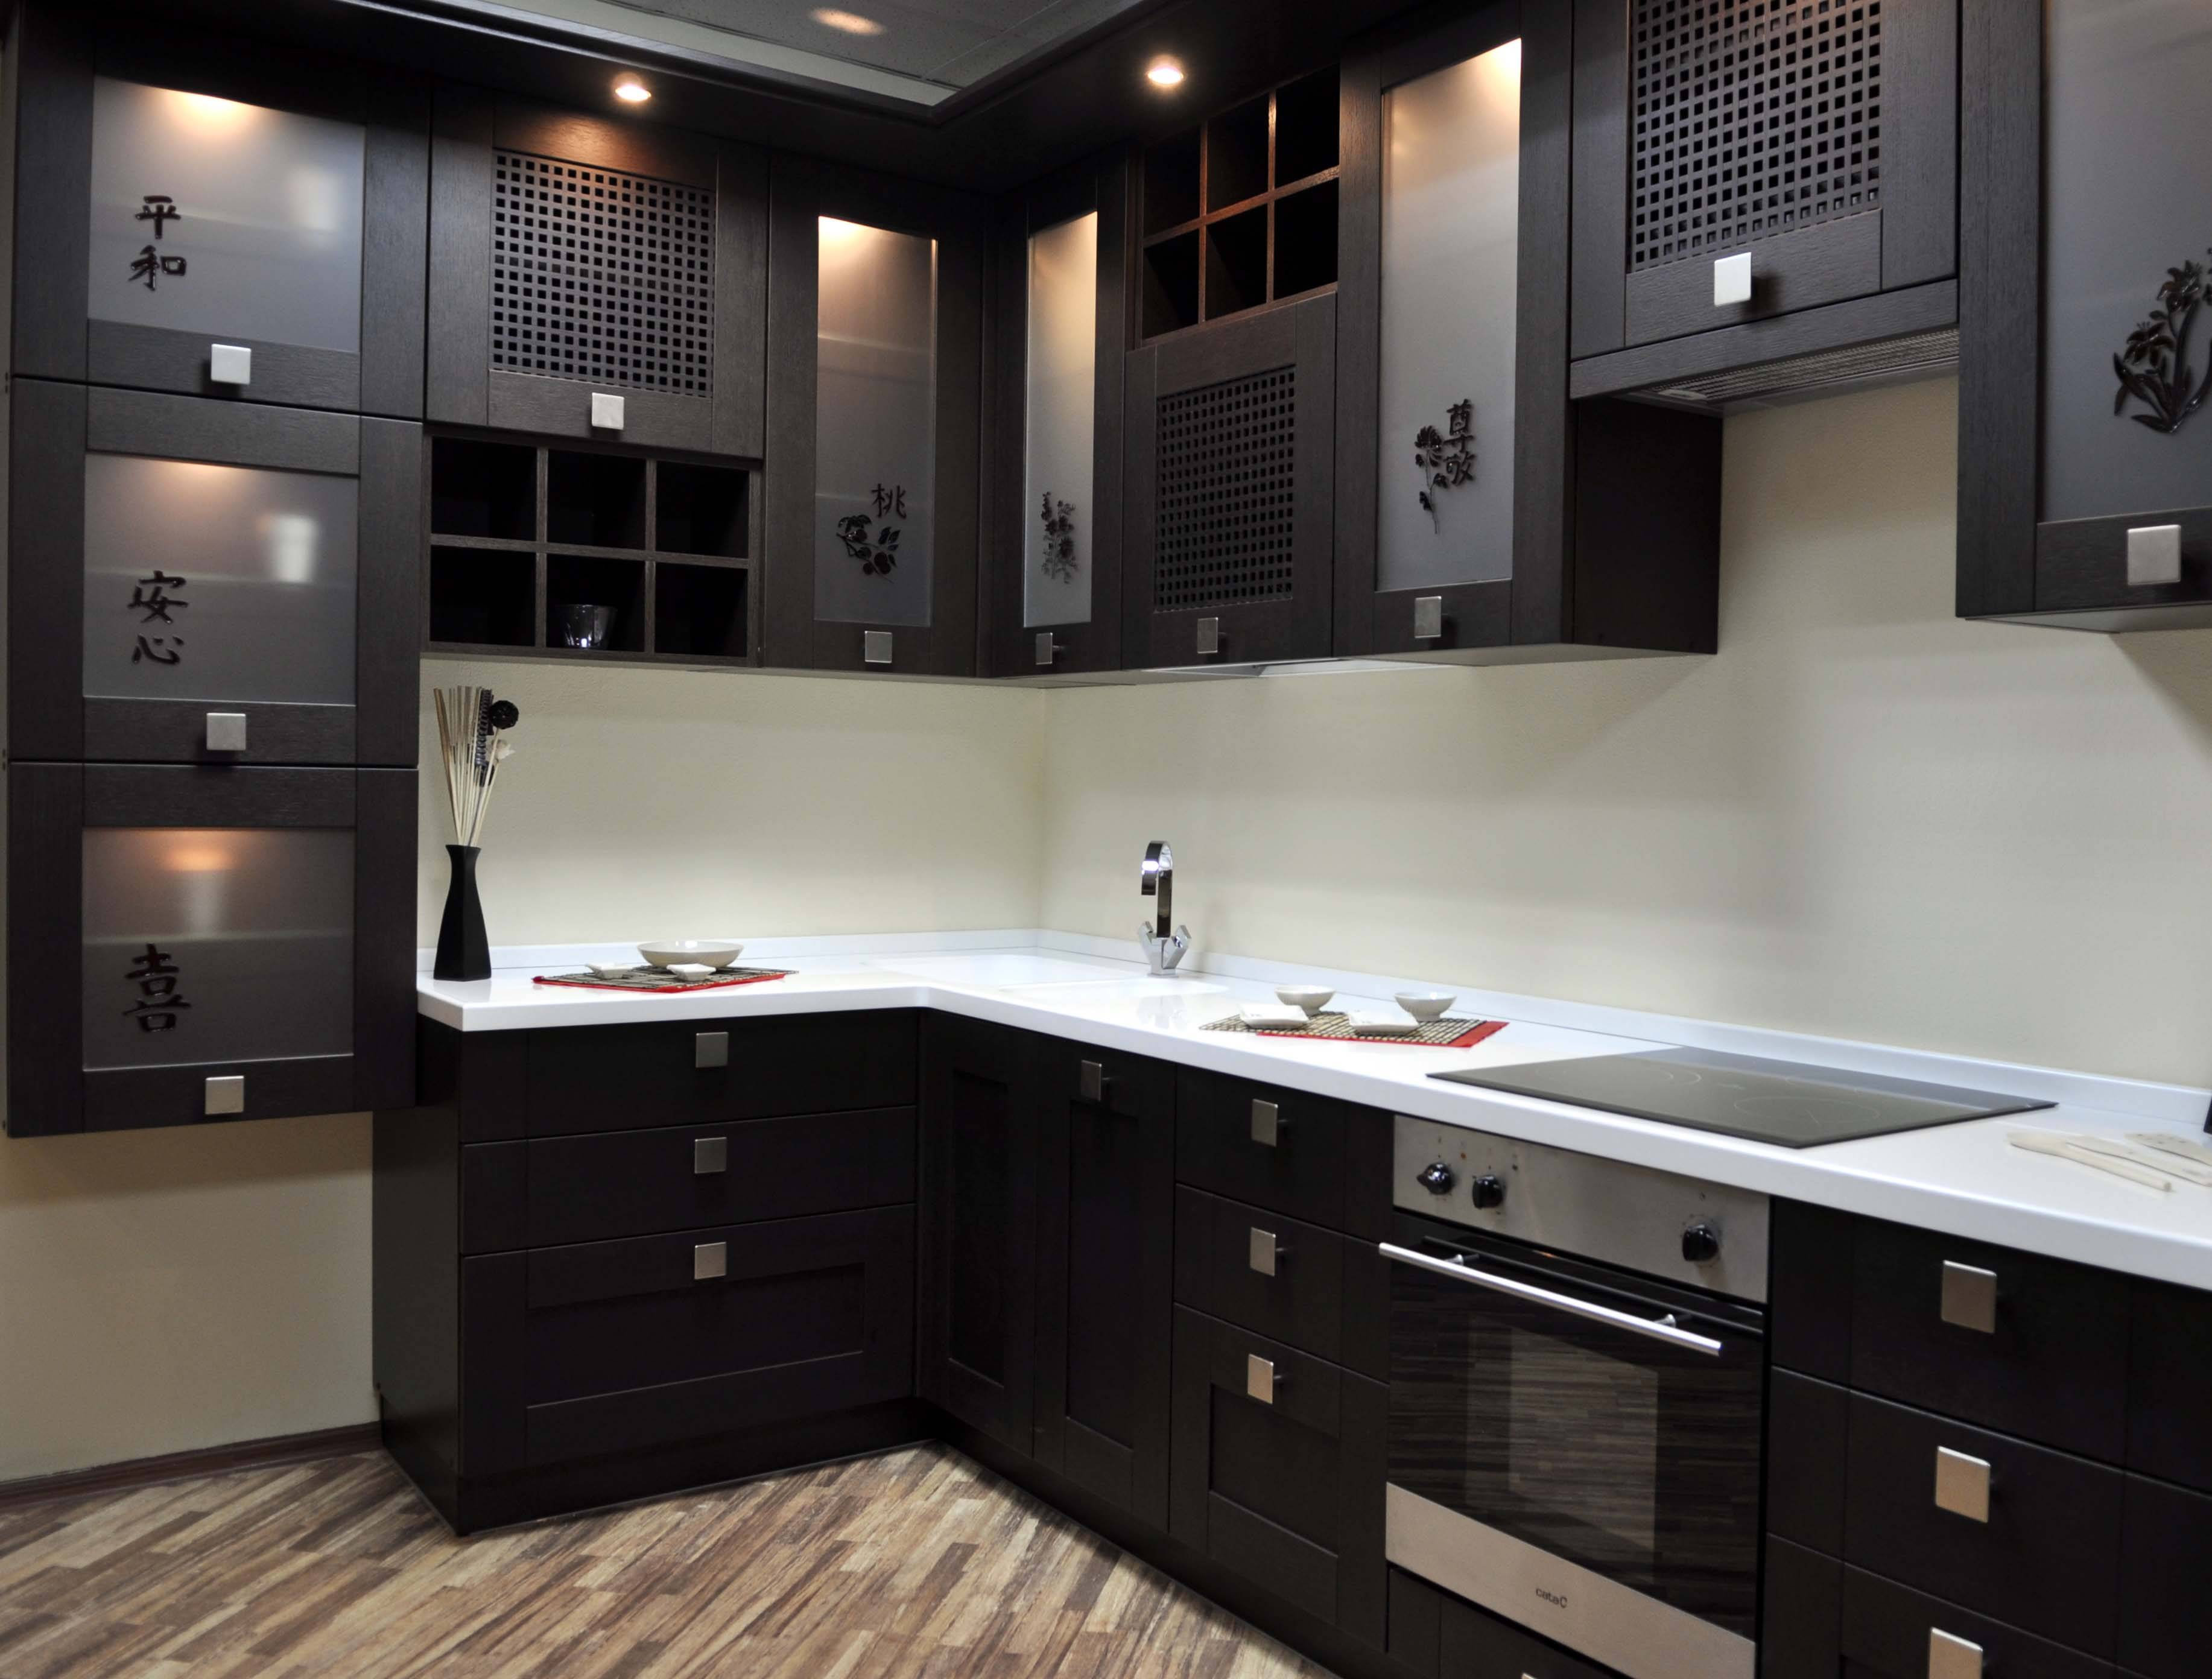 Чертежи и схемы кухонной мебели своими руками